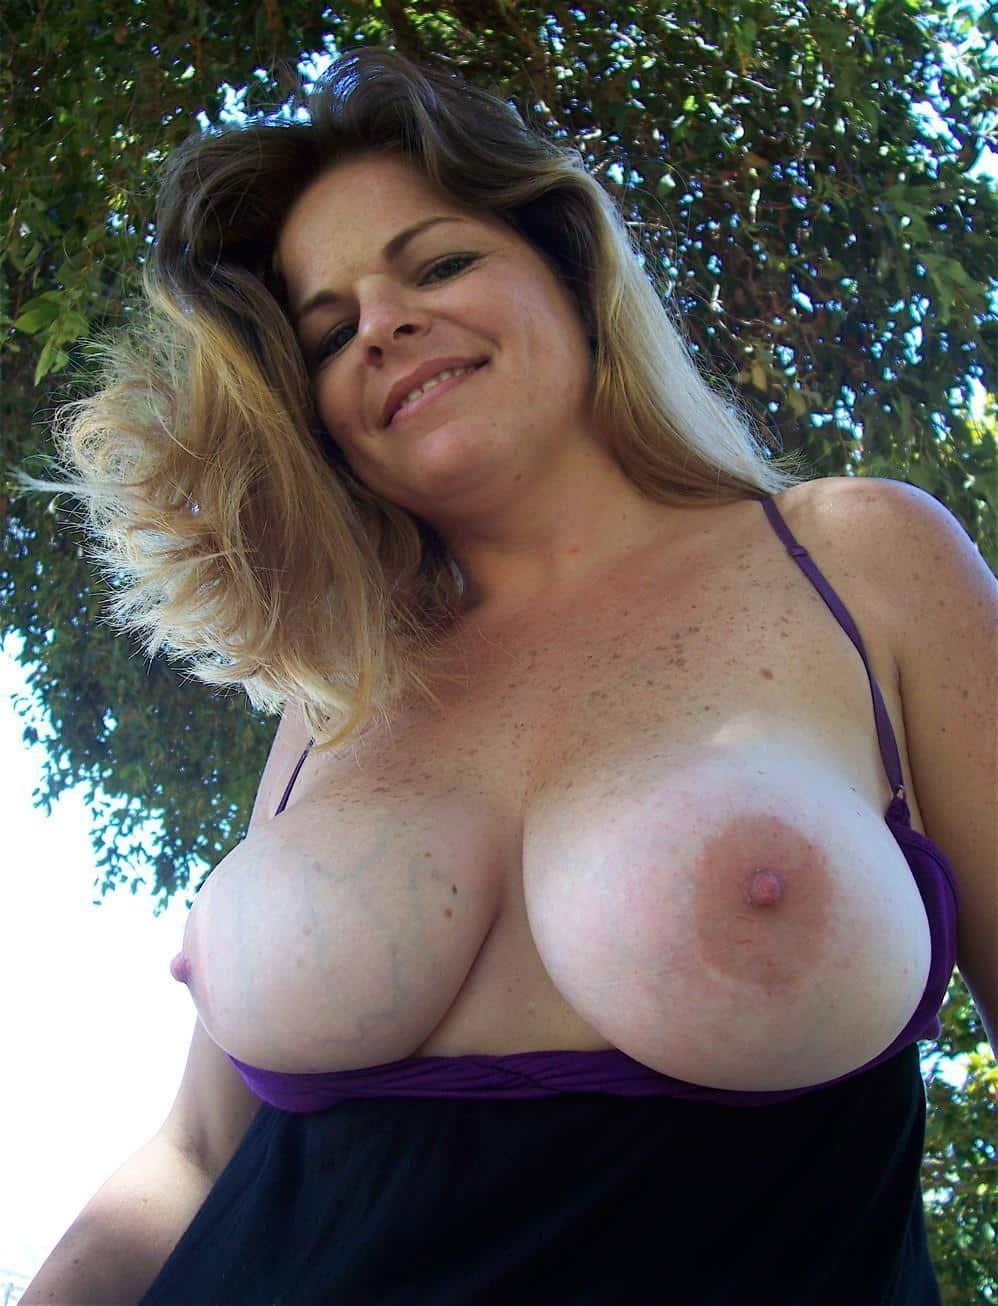 Blonde milf nackt